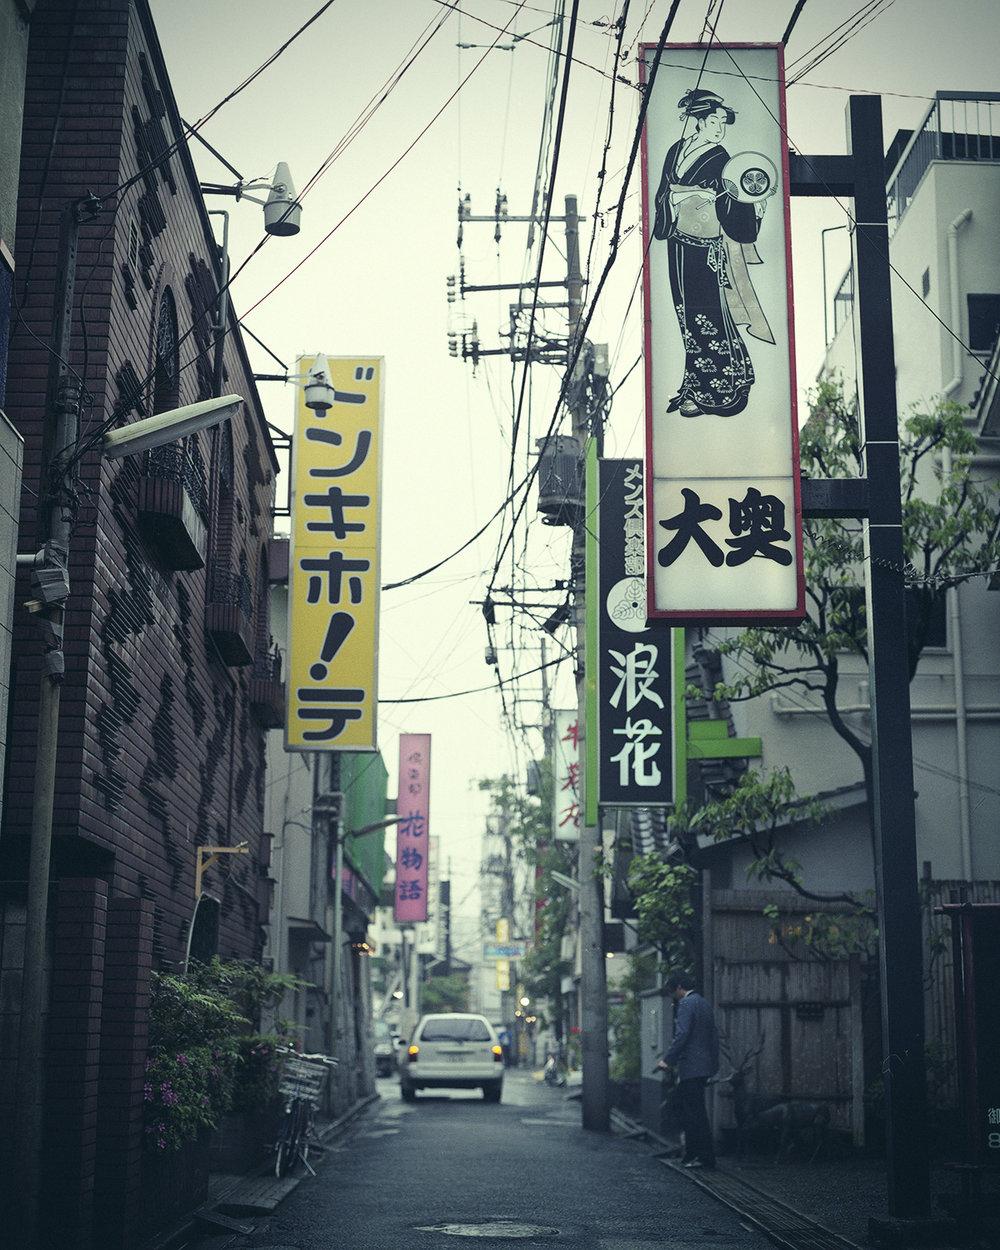 Tokyo_Ueno_Yoshiwara_01.jpg